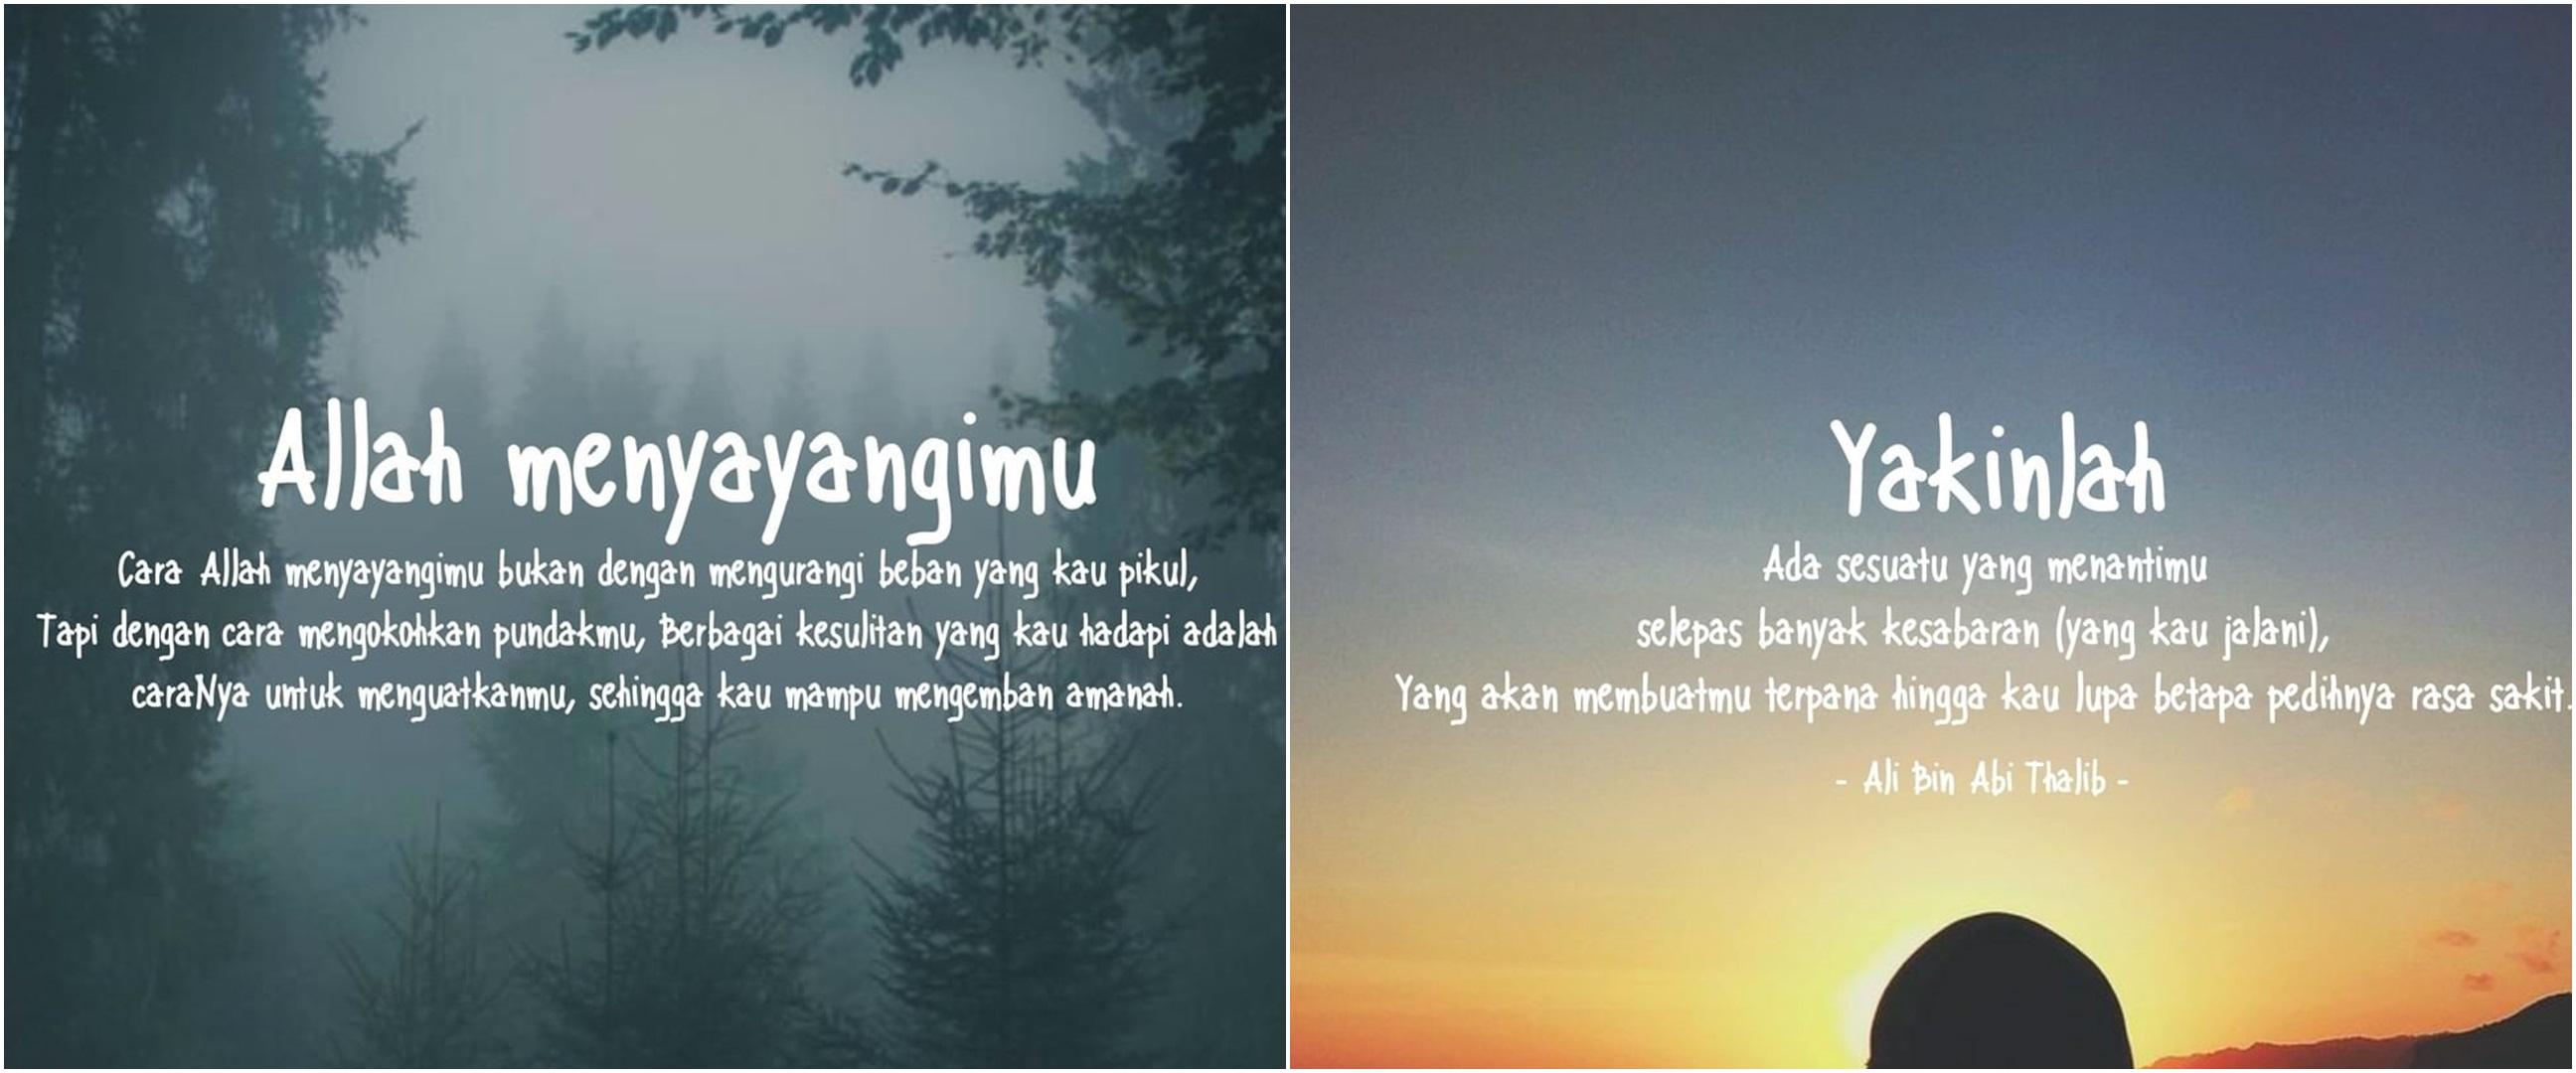 45 Kata kata bijak Islami tentang renungan diri, penuh motivasi